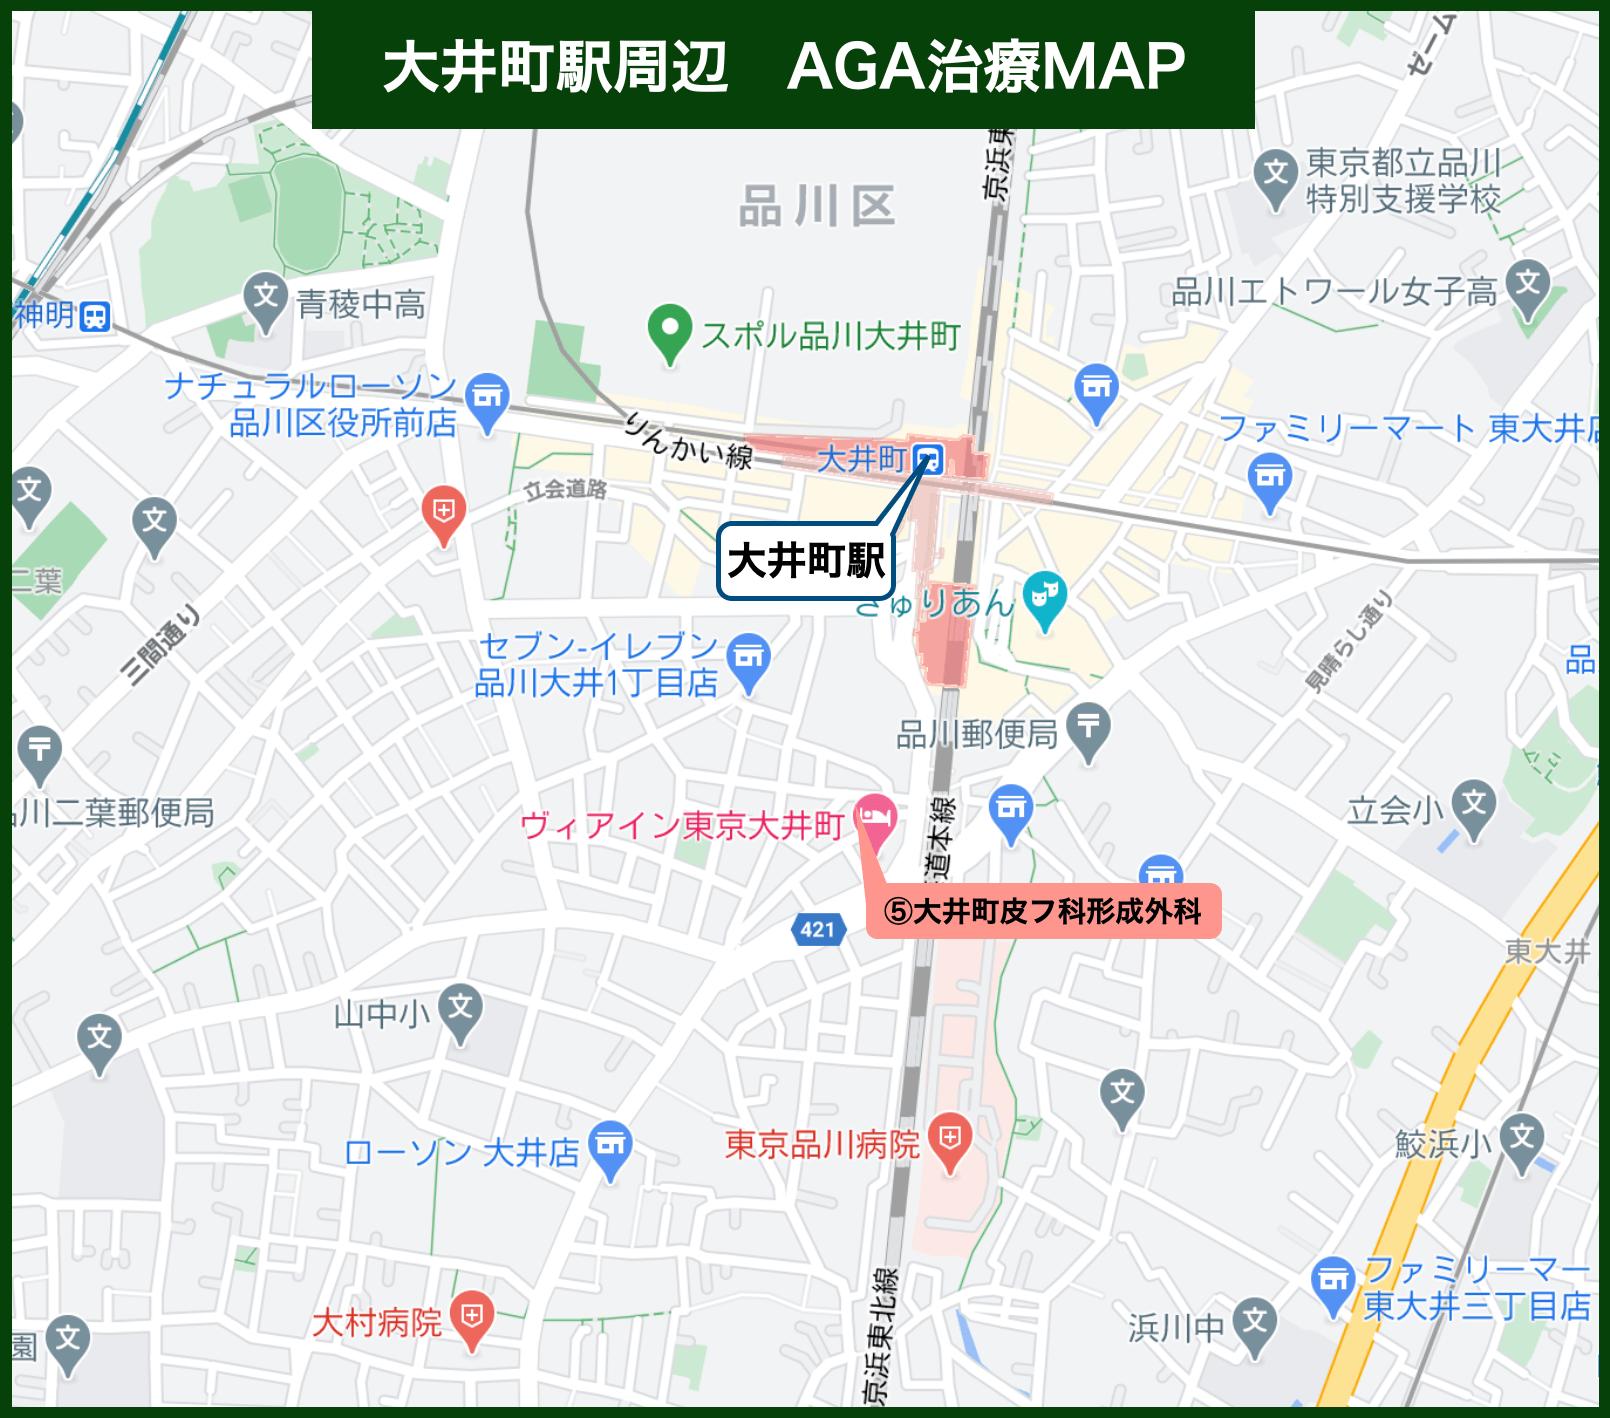 大井町駅周辺 AGA治療MAP